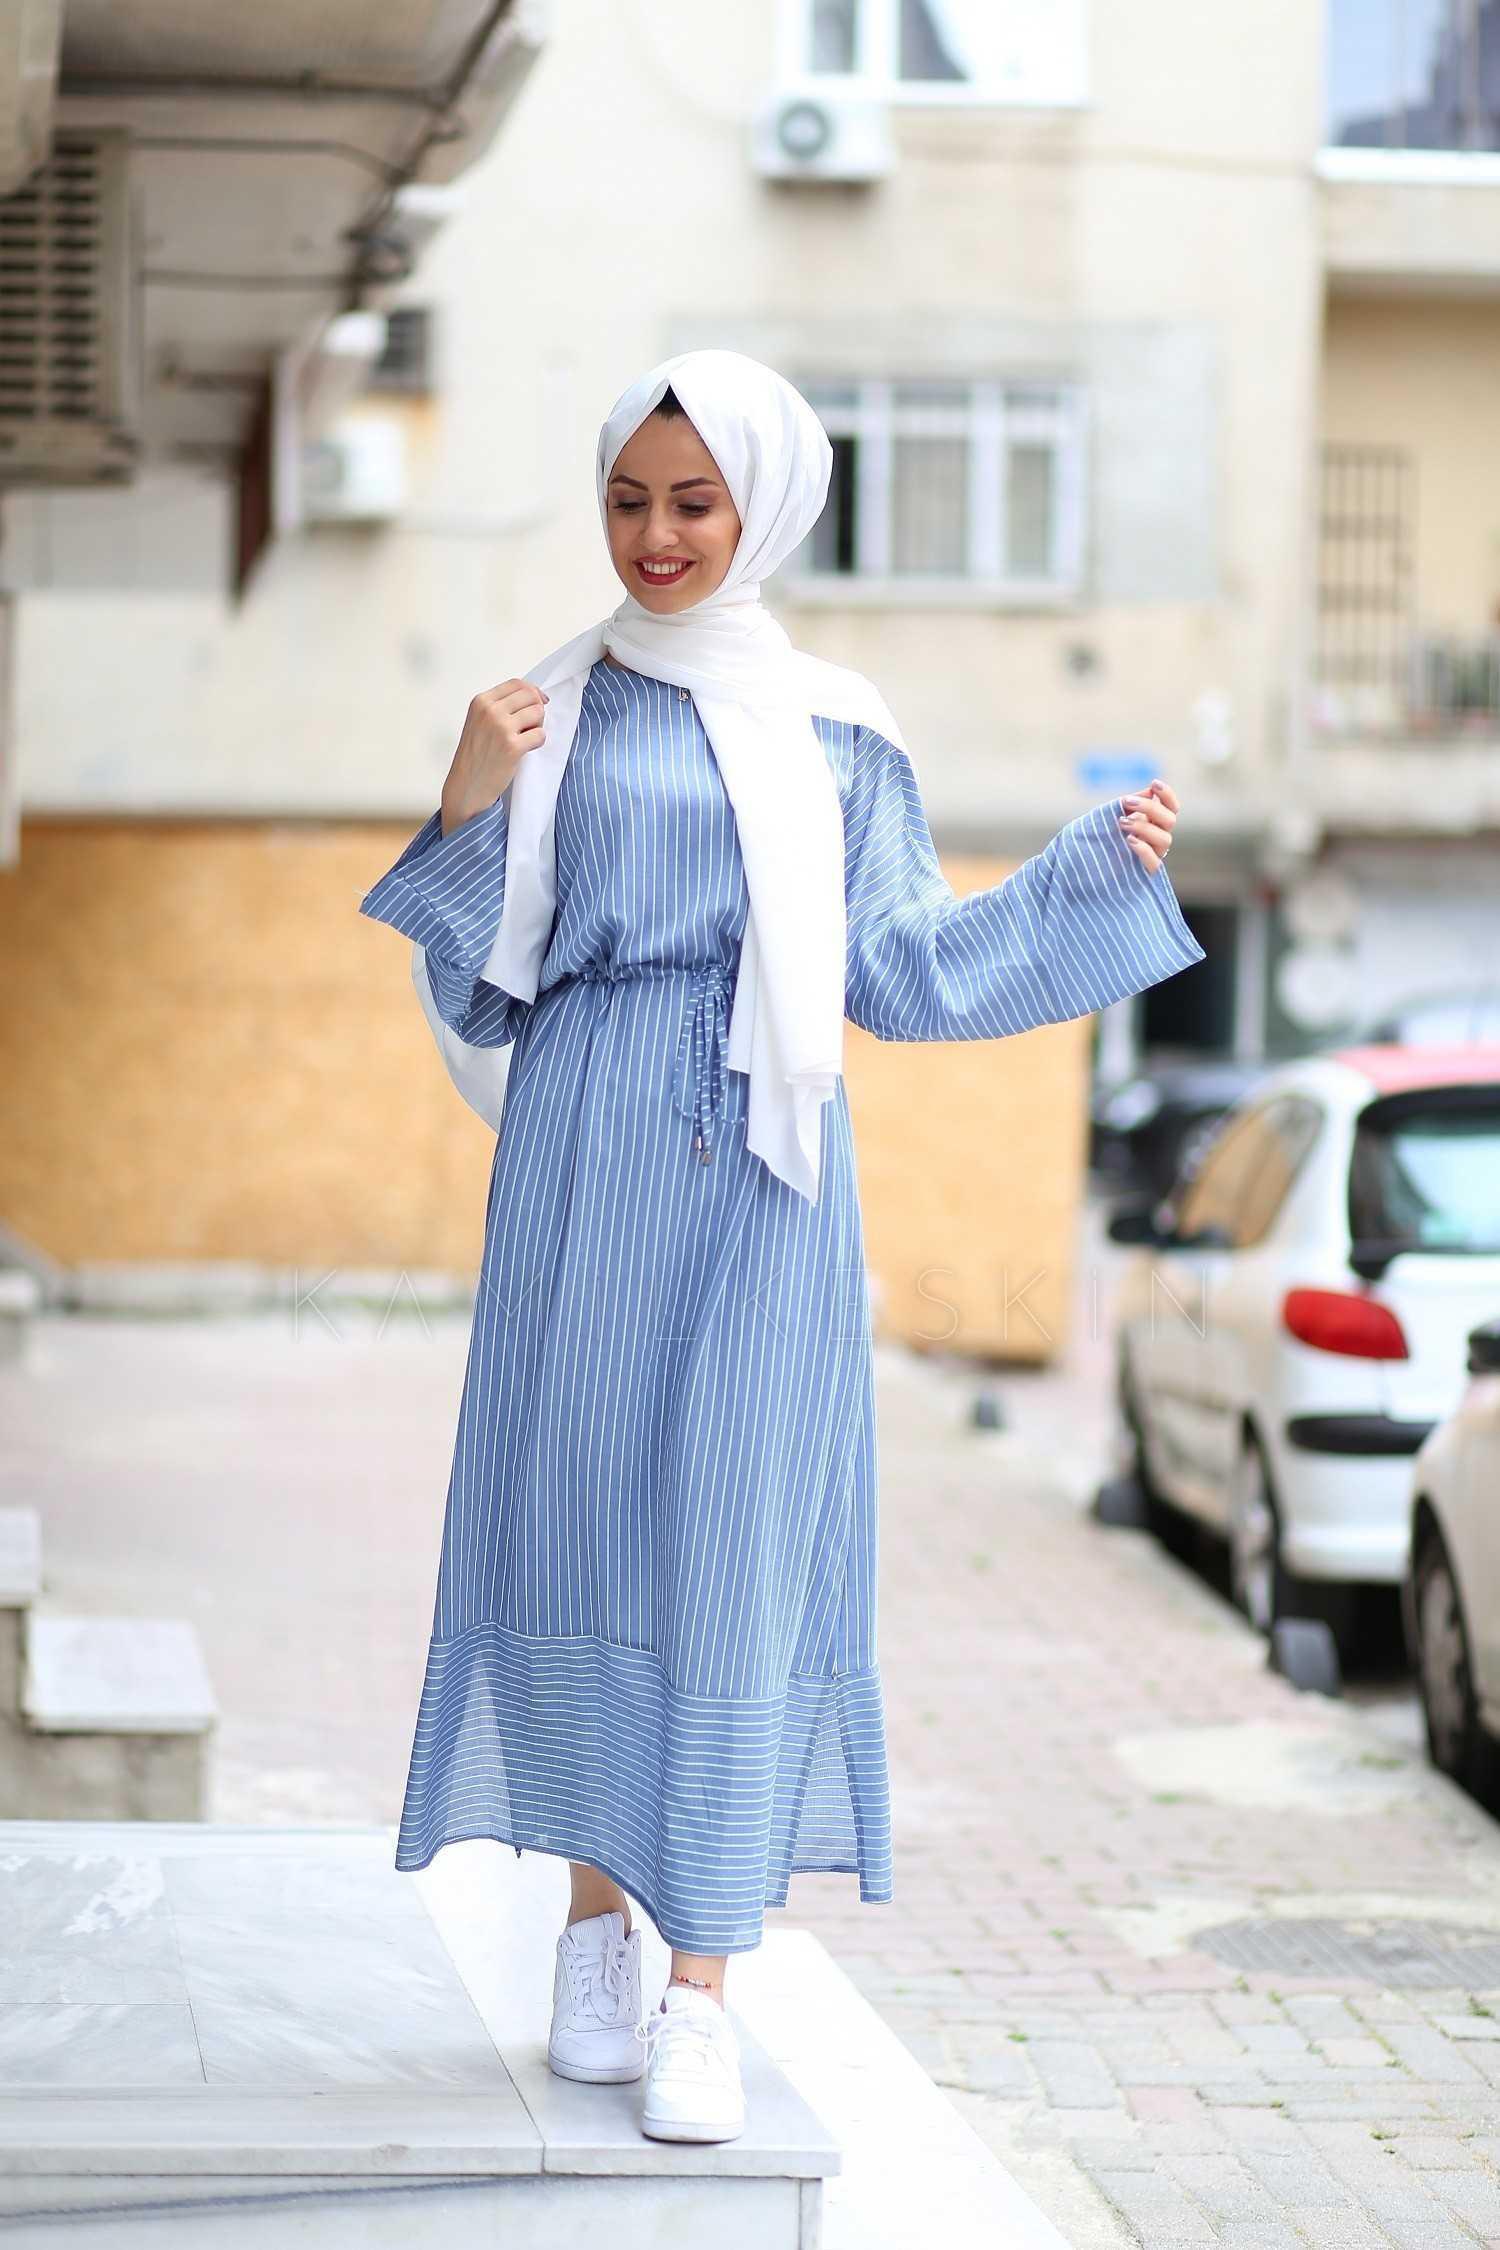 Kamil Keskin Tesettür Mavi Çizgili Elbise Modelleri